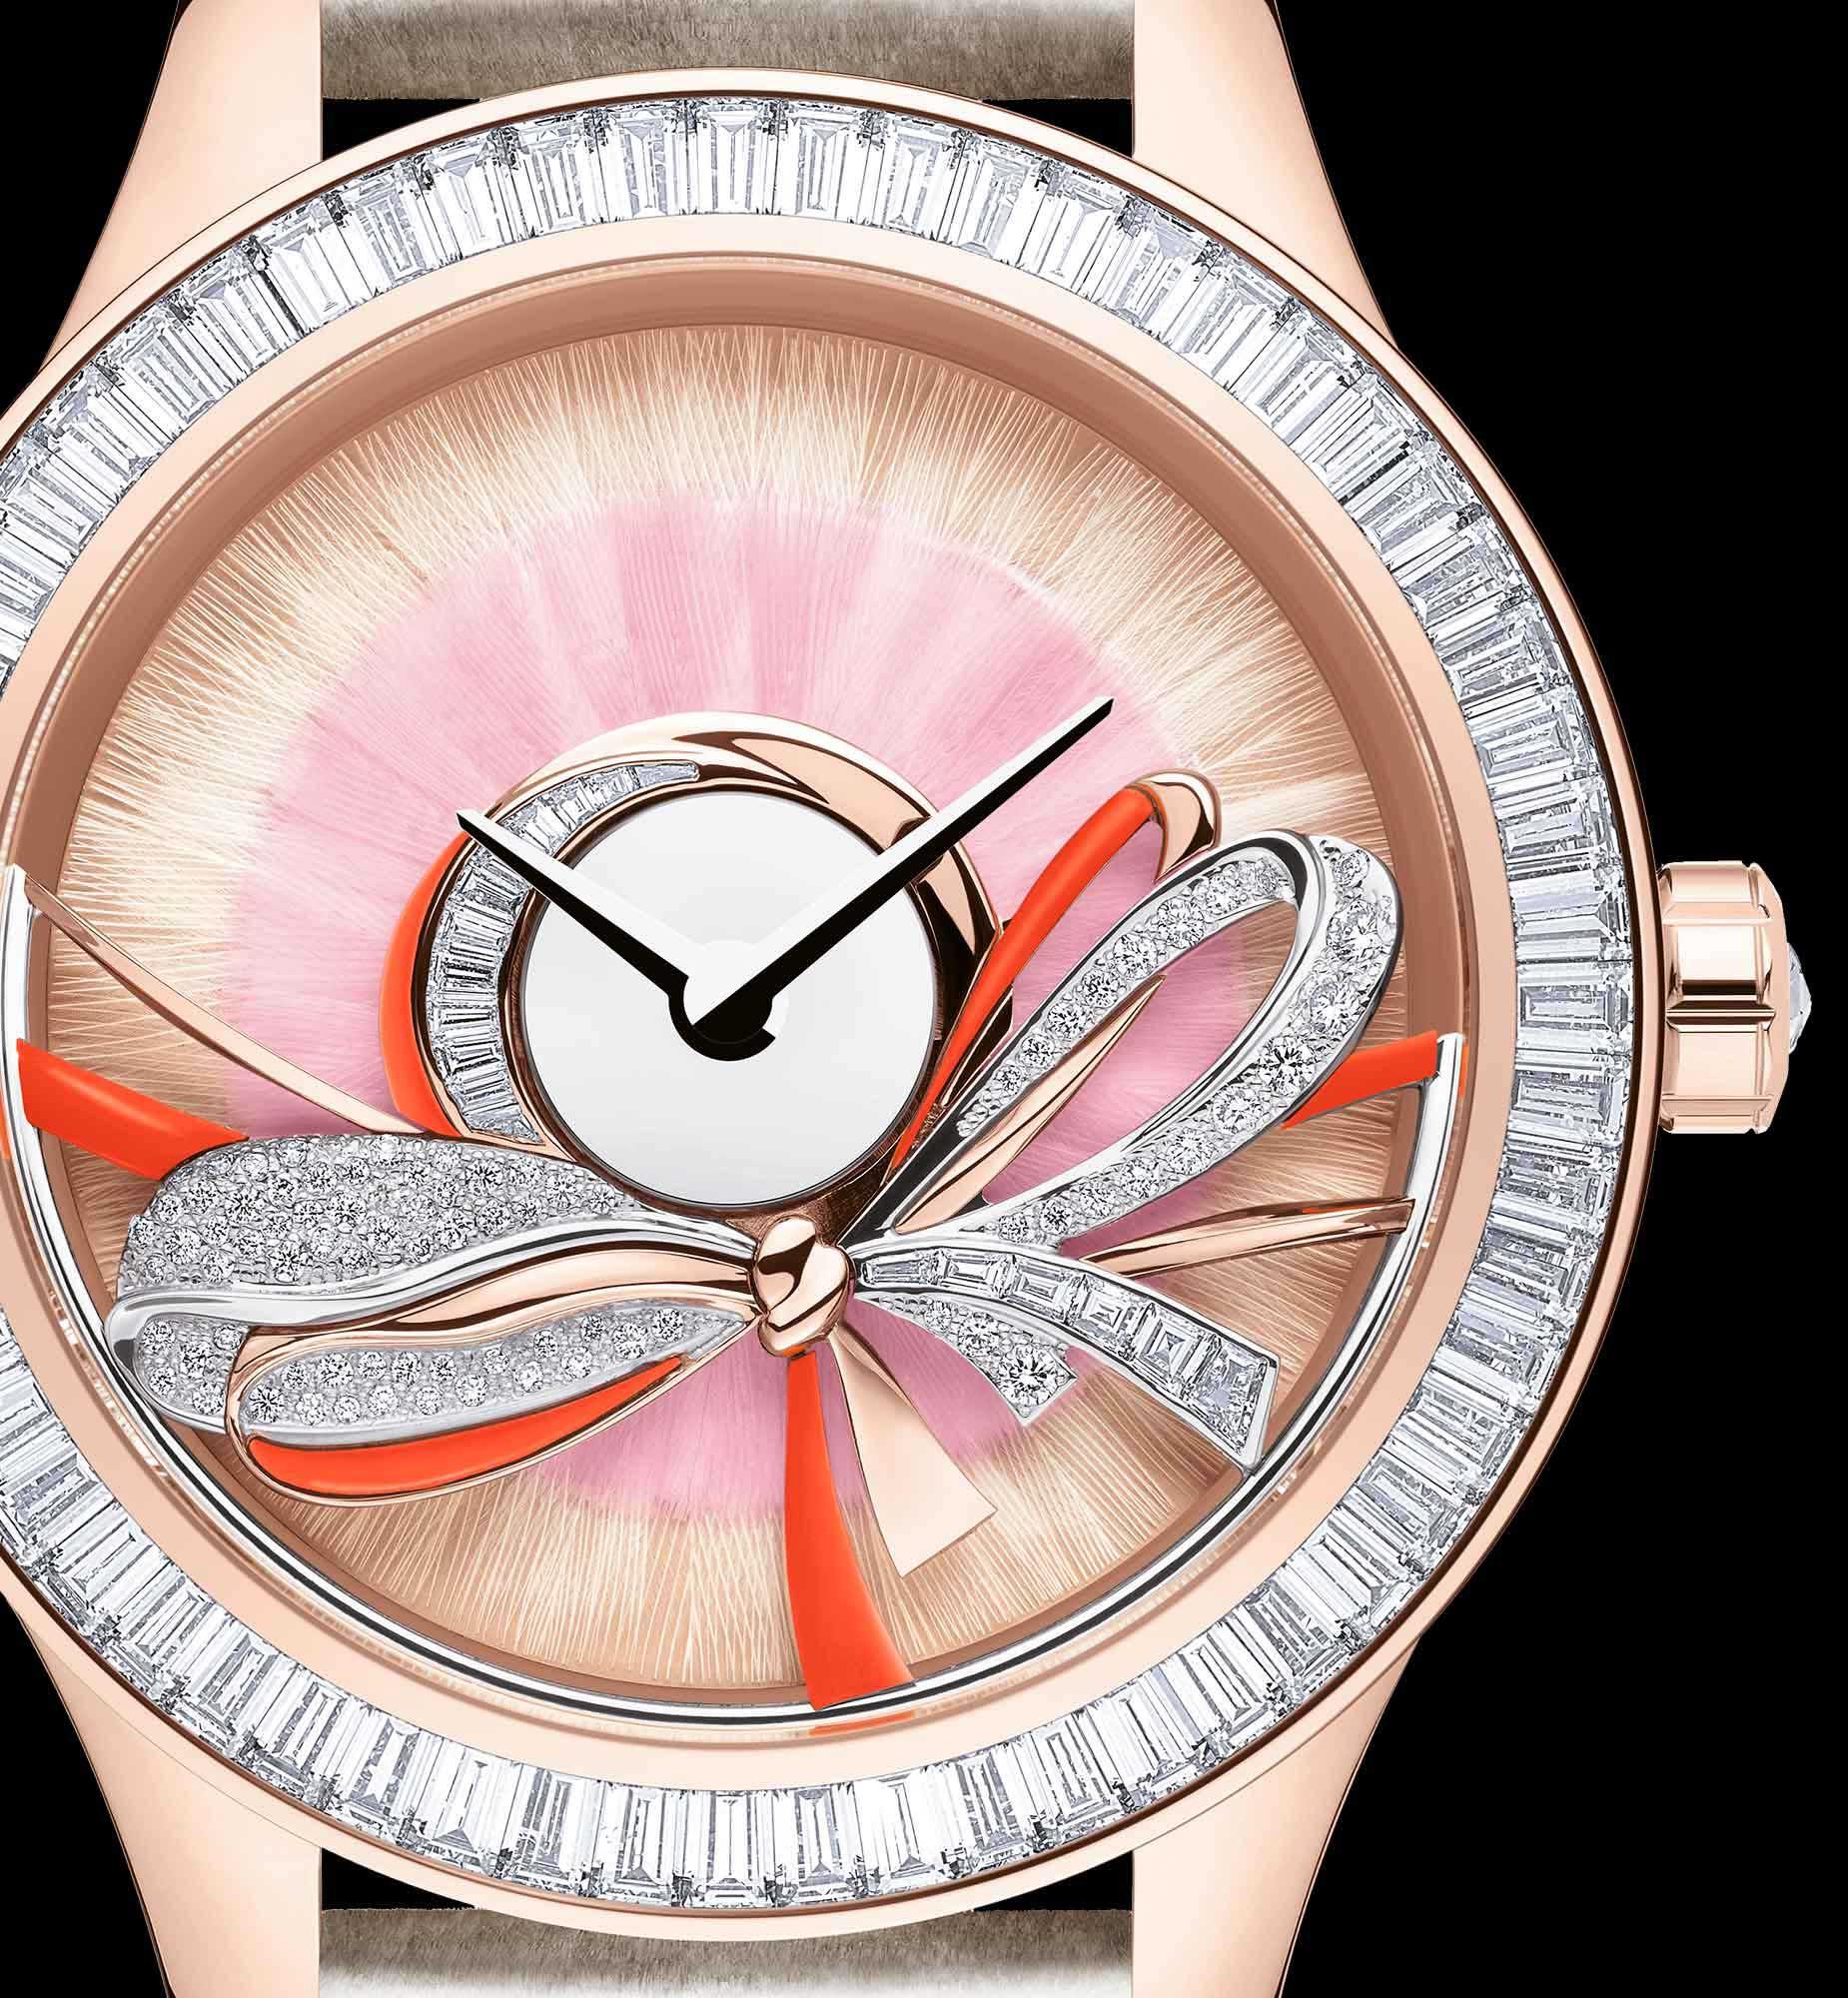 Dior Grand Bal Ruban aria_threeQuarterClosedView aria_openGallery